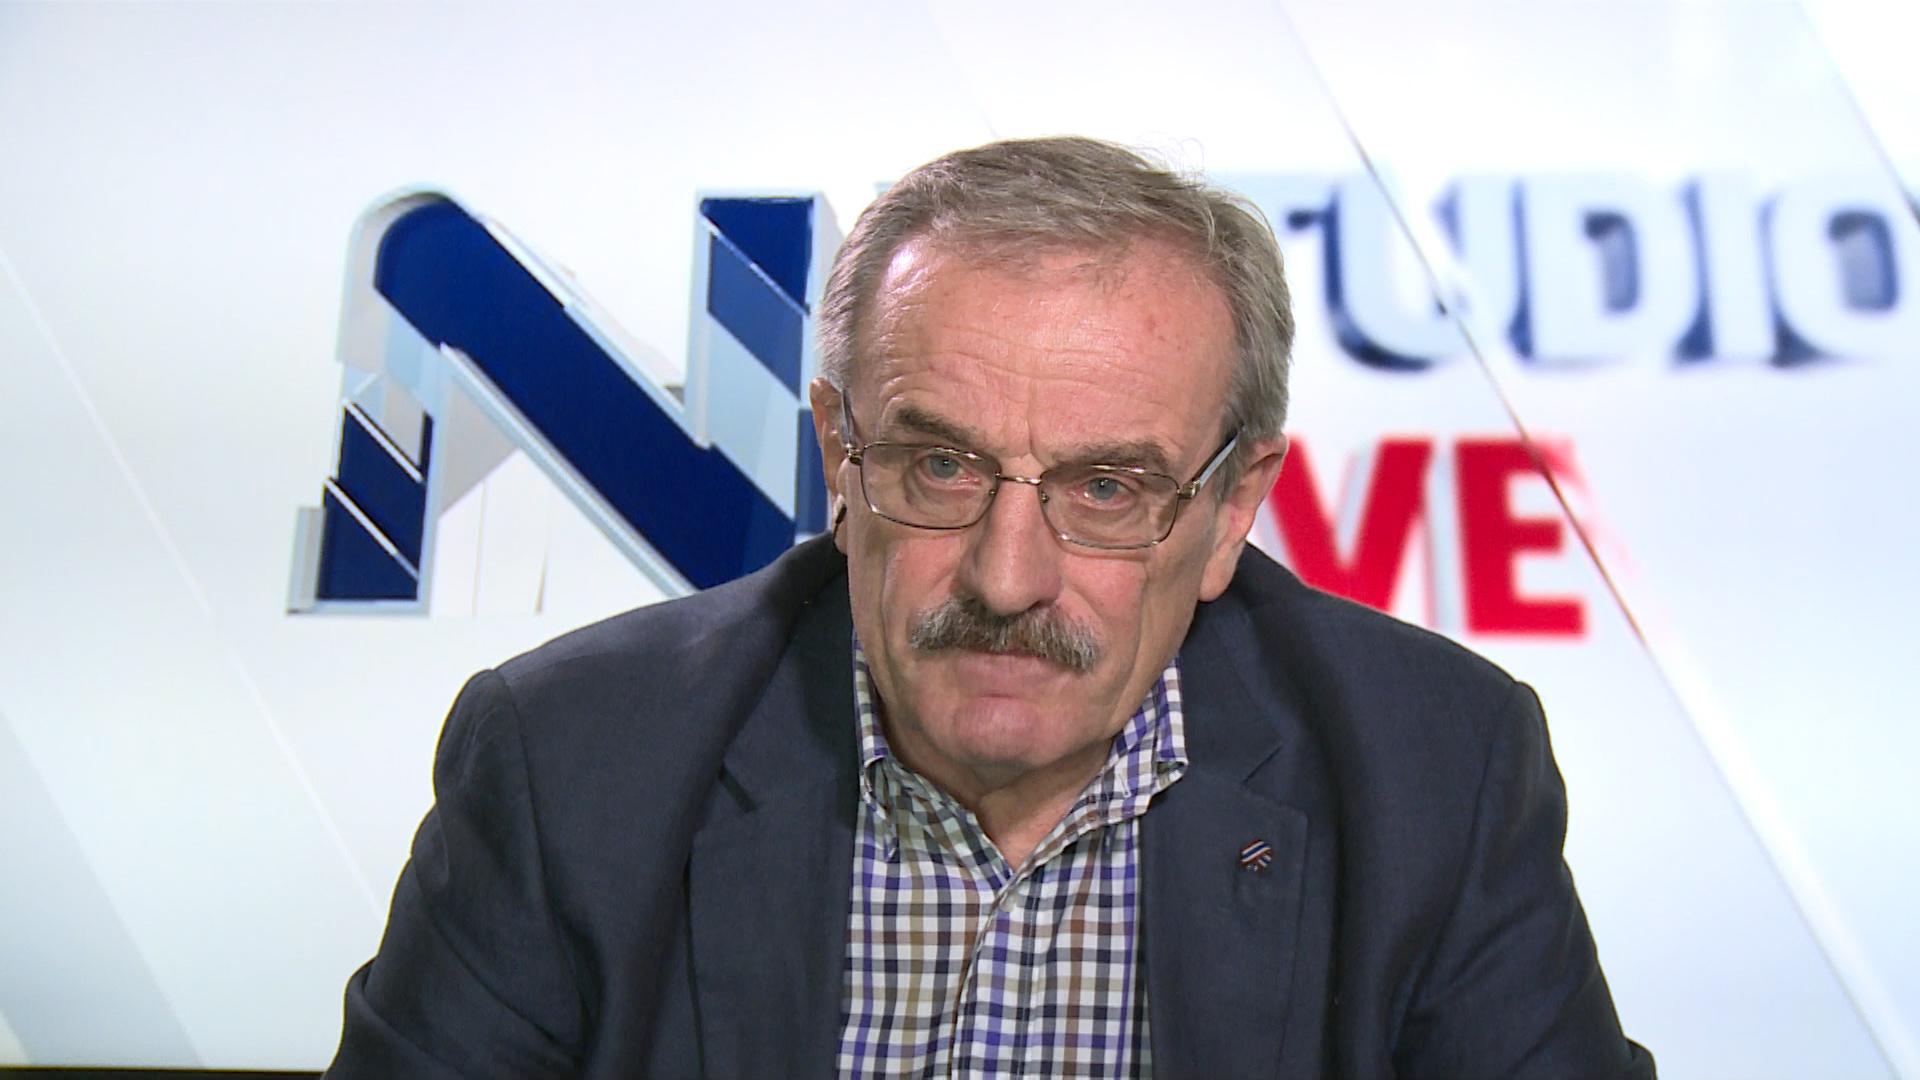 Biščević